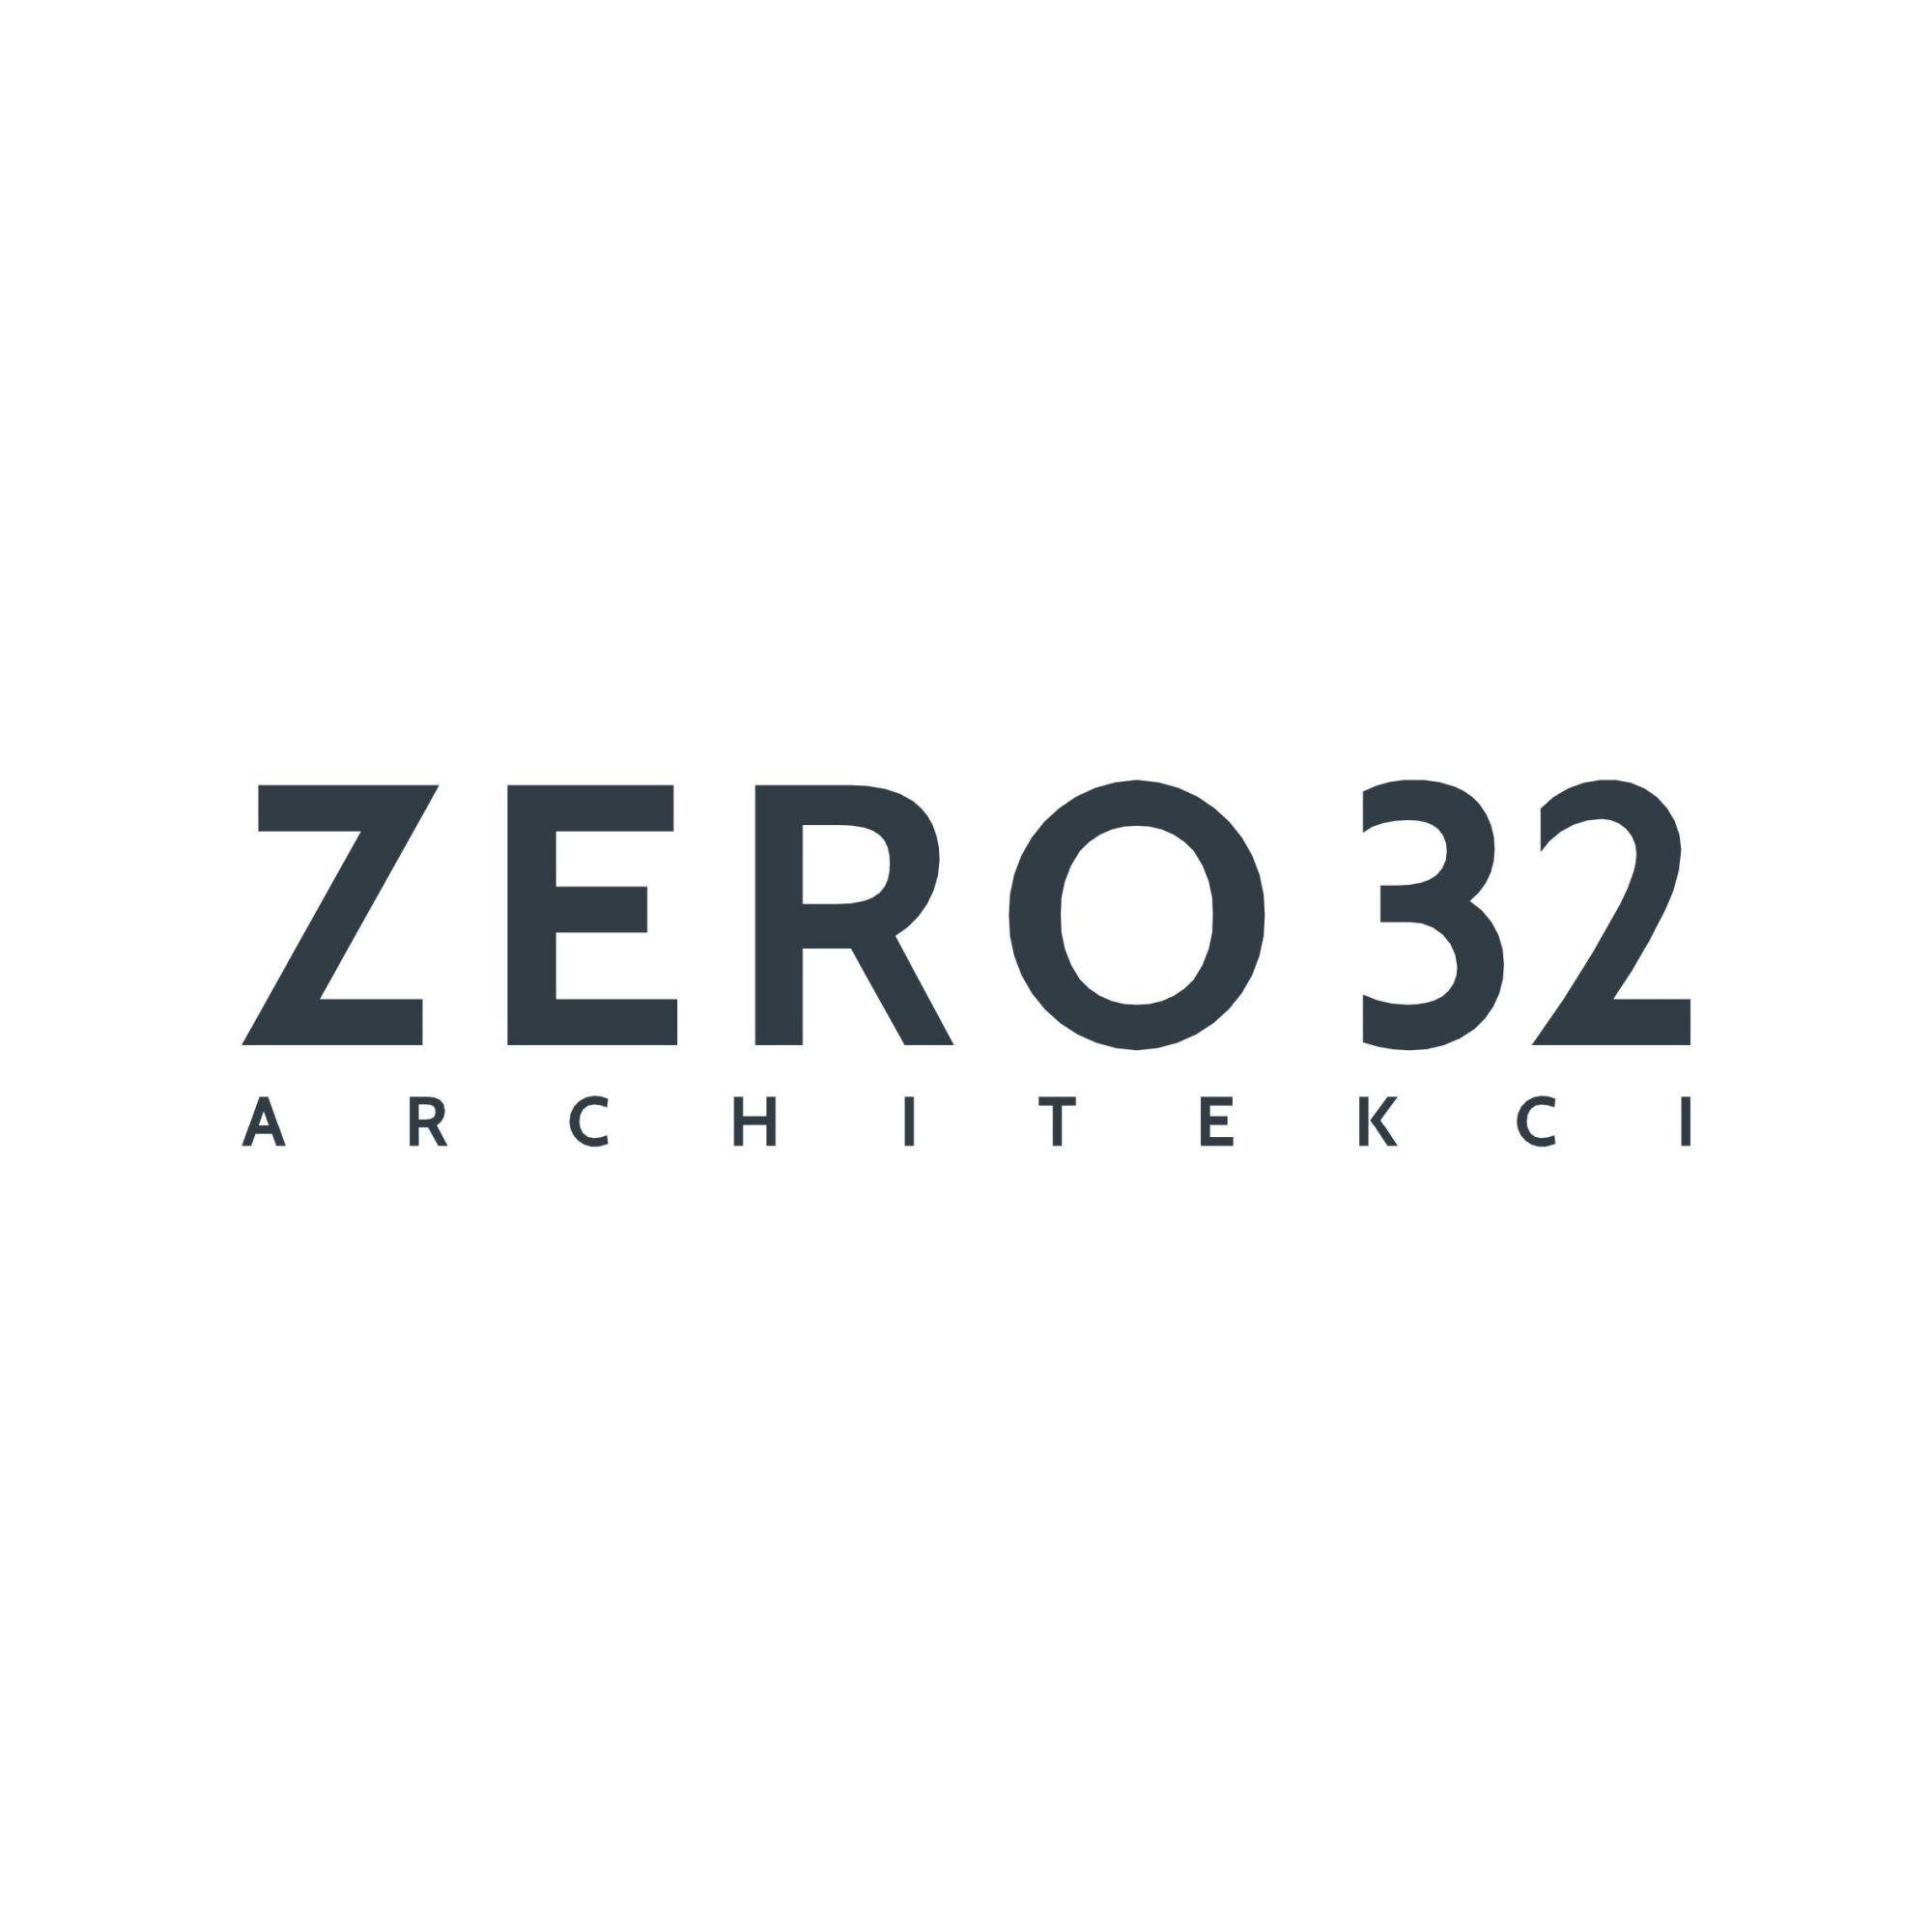 ZERO32